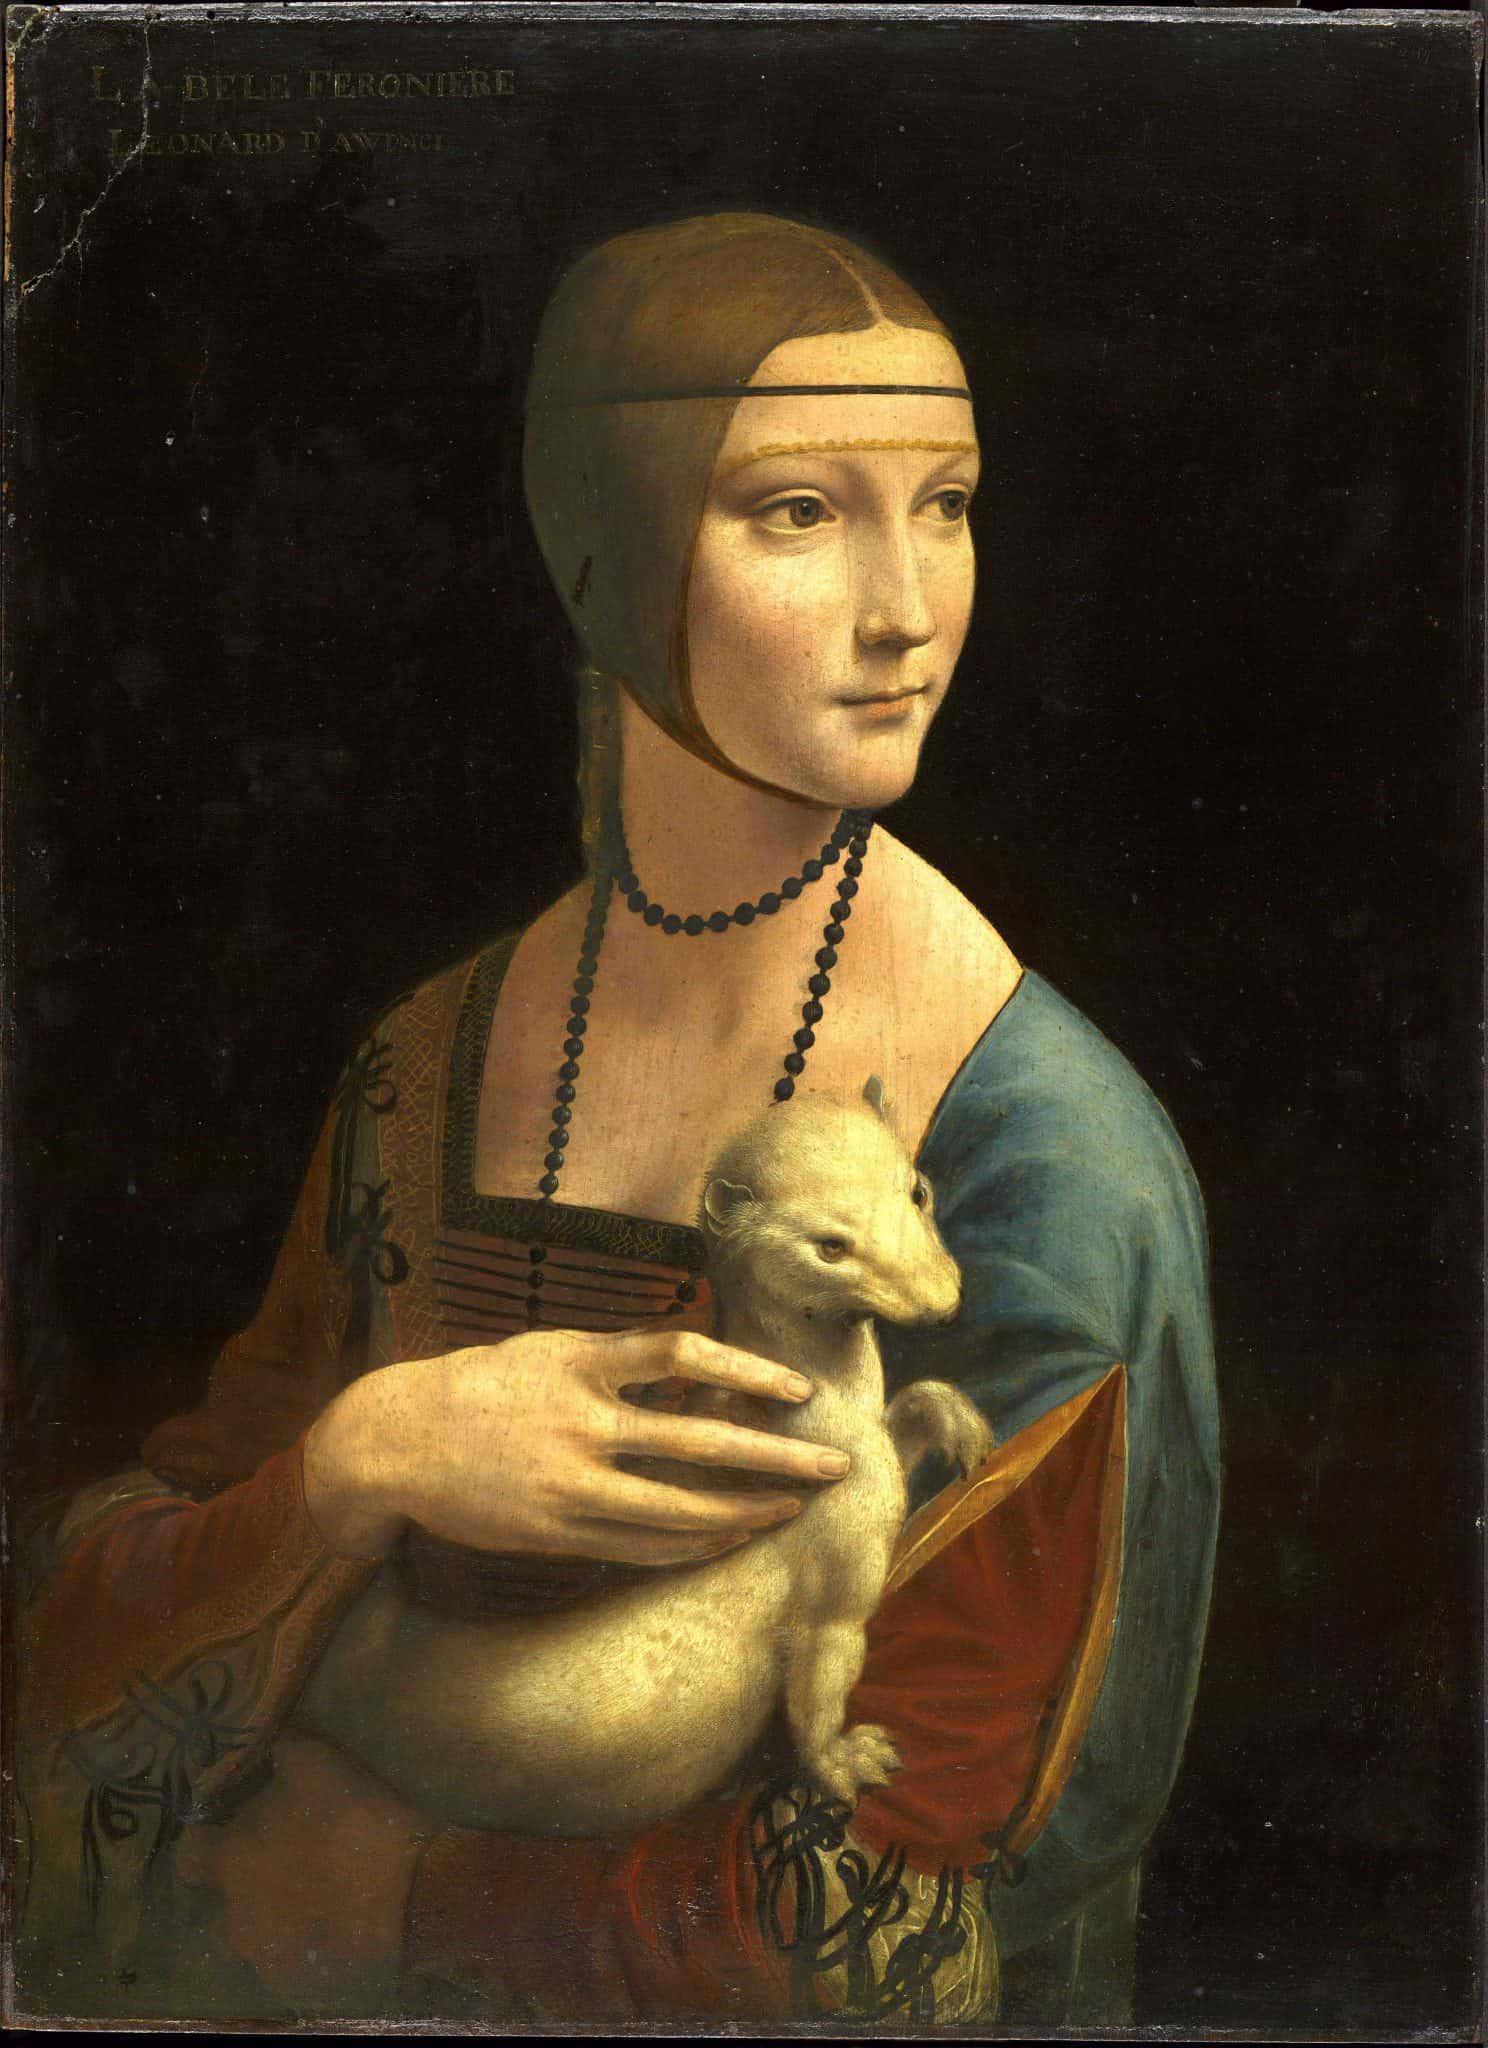 """ליאונרדו דה וינצ'י, """"הגבירה עם החמוס"""", 1487-1490"""